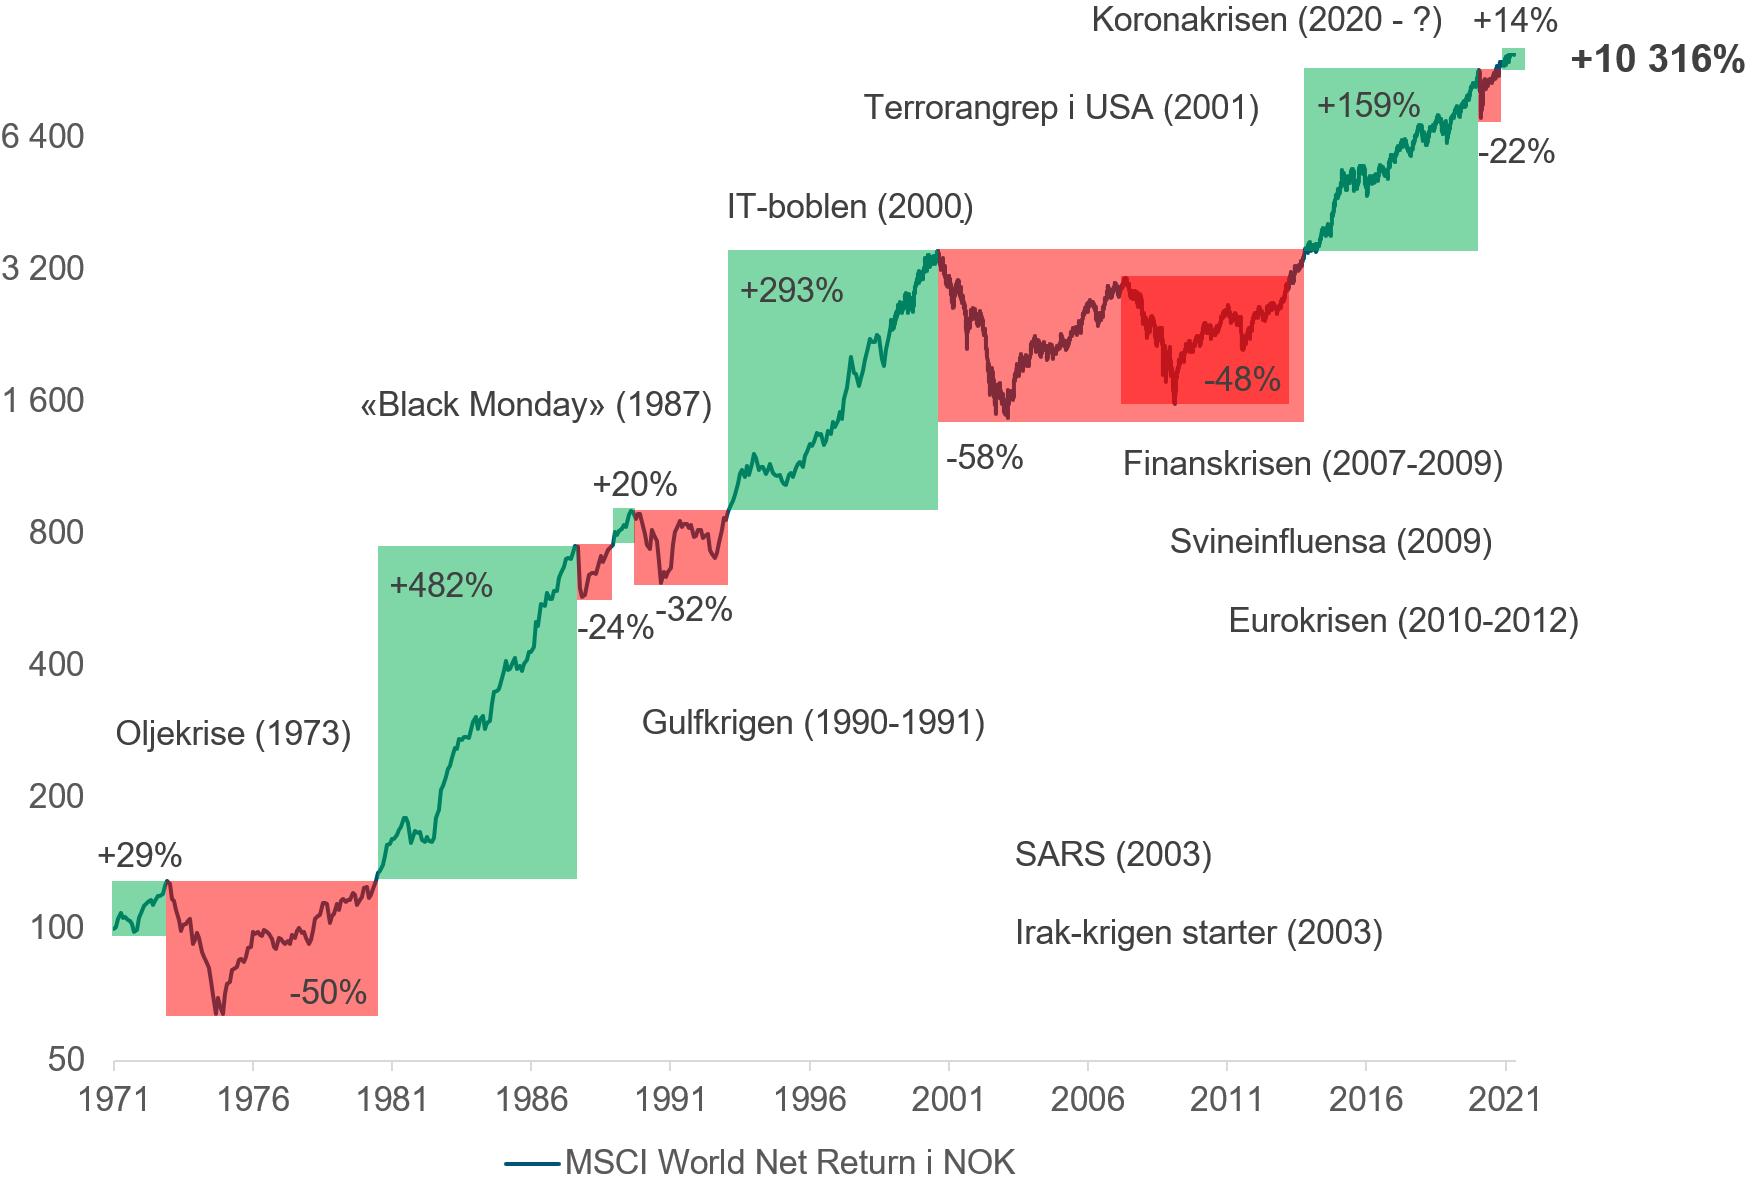 Her ser du hvordan det globale aksjemarkedet utviklet seg fra 29. januar 1971 til 16. juni 2021 gjennom både opp- og nedturer. Oppturene er markert i grønn og nedturene i rødt, og aksjeindeksen som er brukt er MSCI World Net Return i norske kroner. (Kilde: Bloomberg)